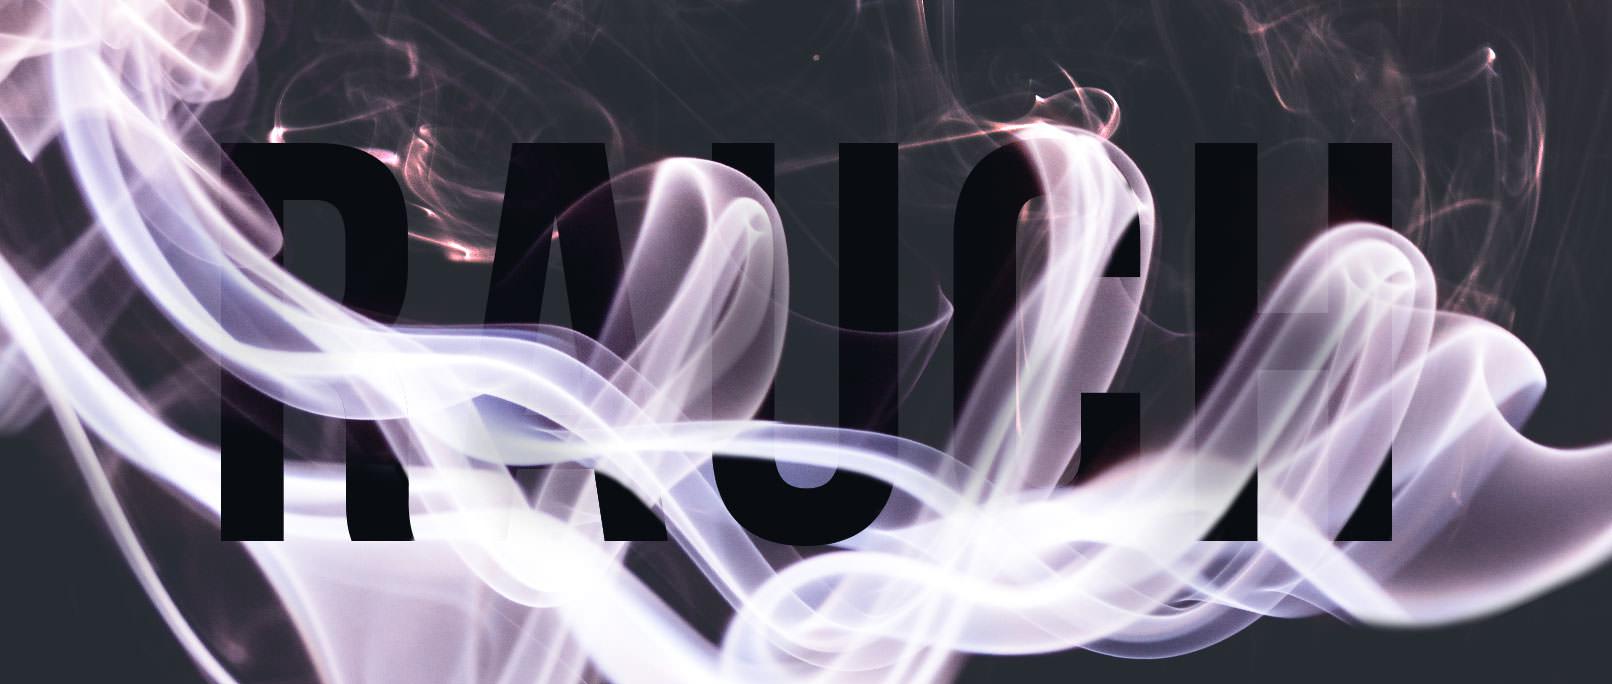 Schriftzug Rauch mit eingearbeitetem Smoke-Overlay